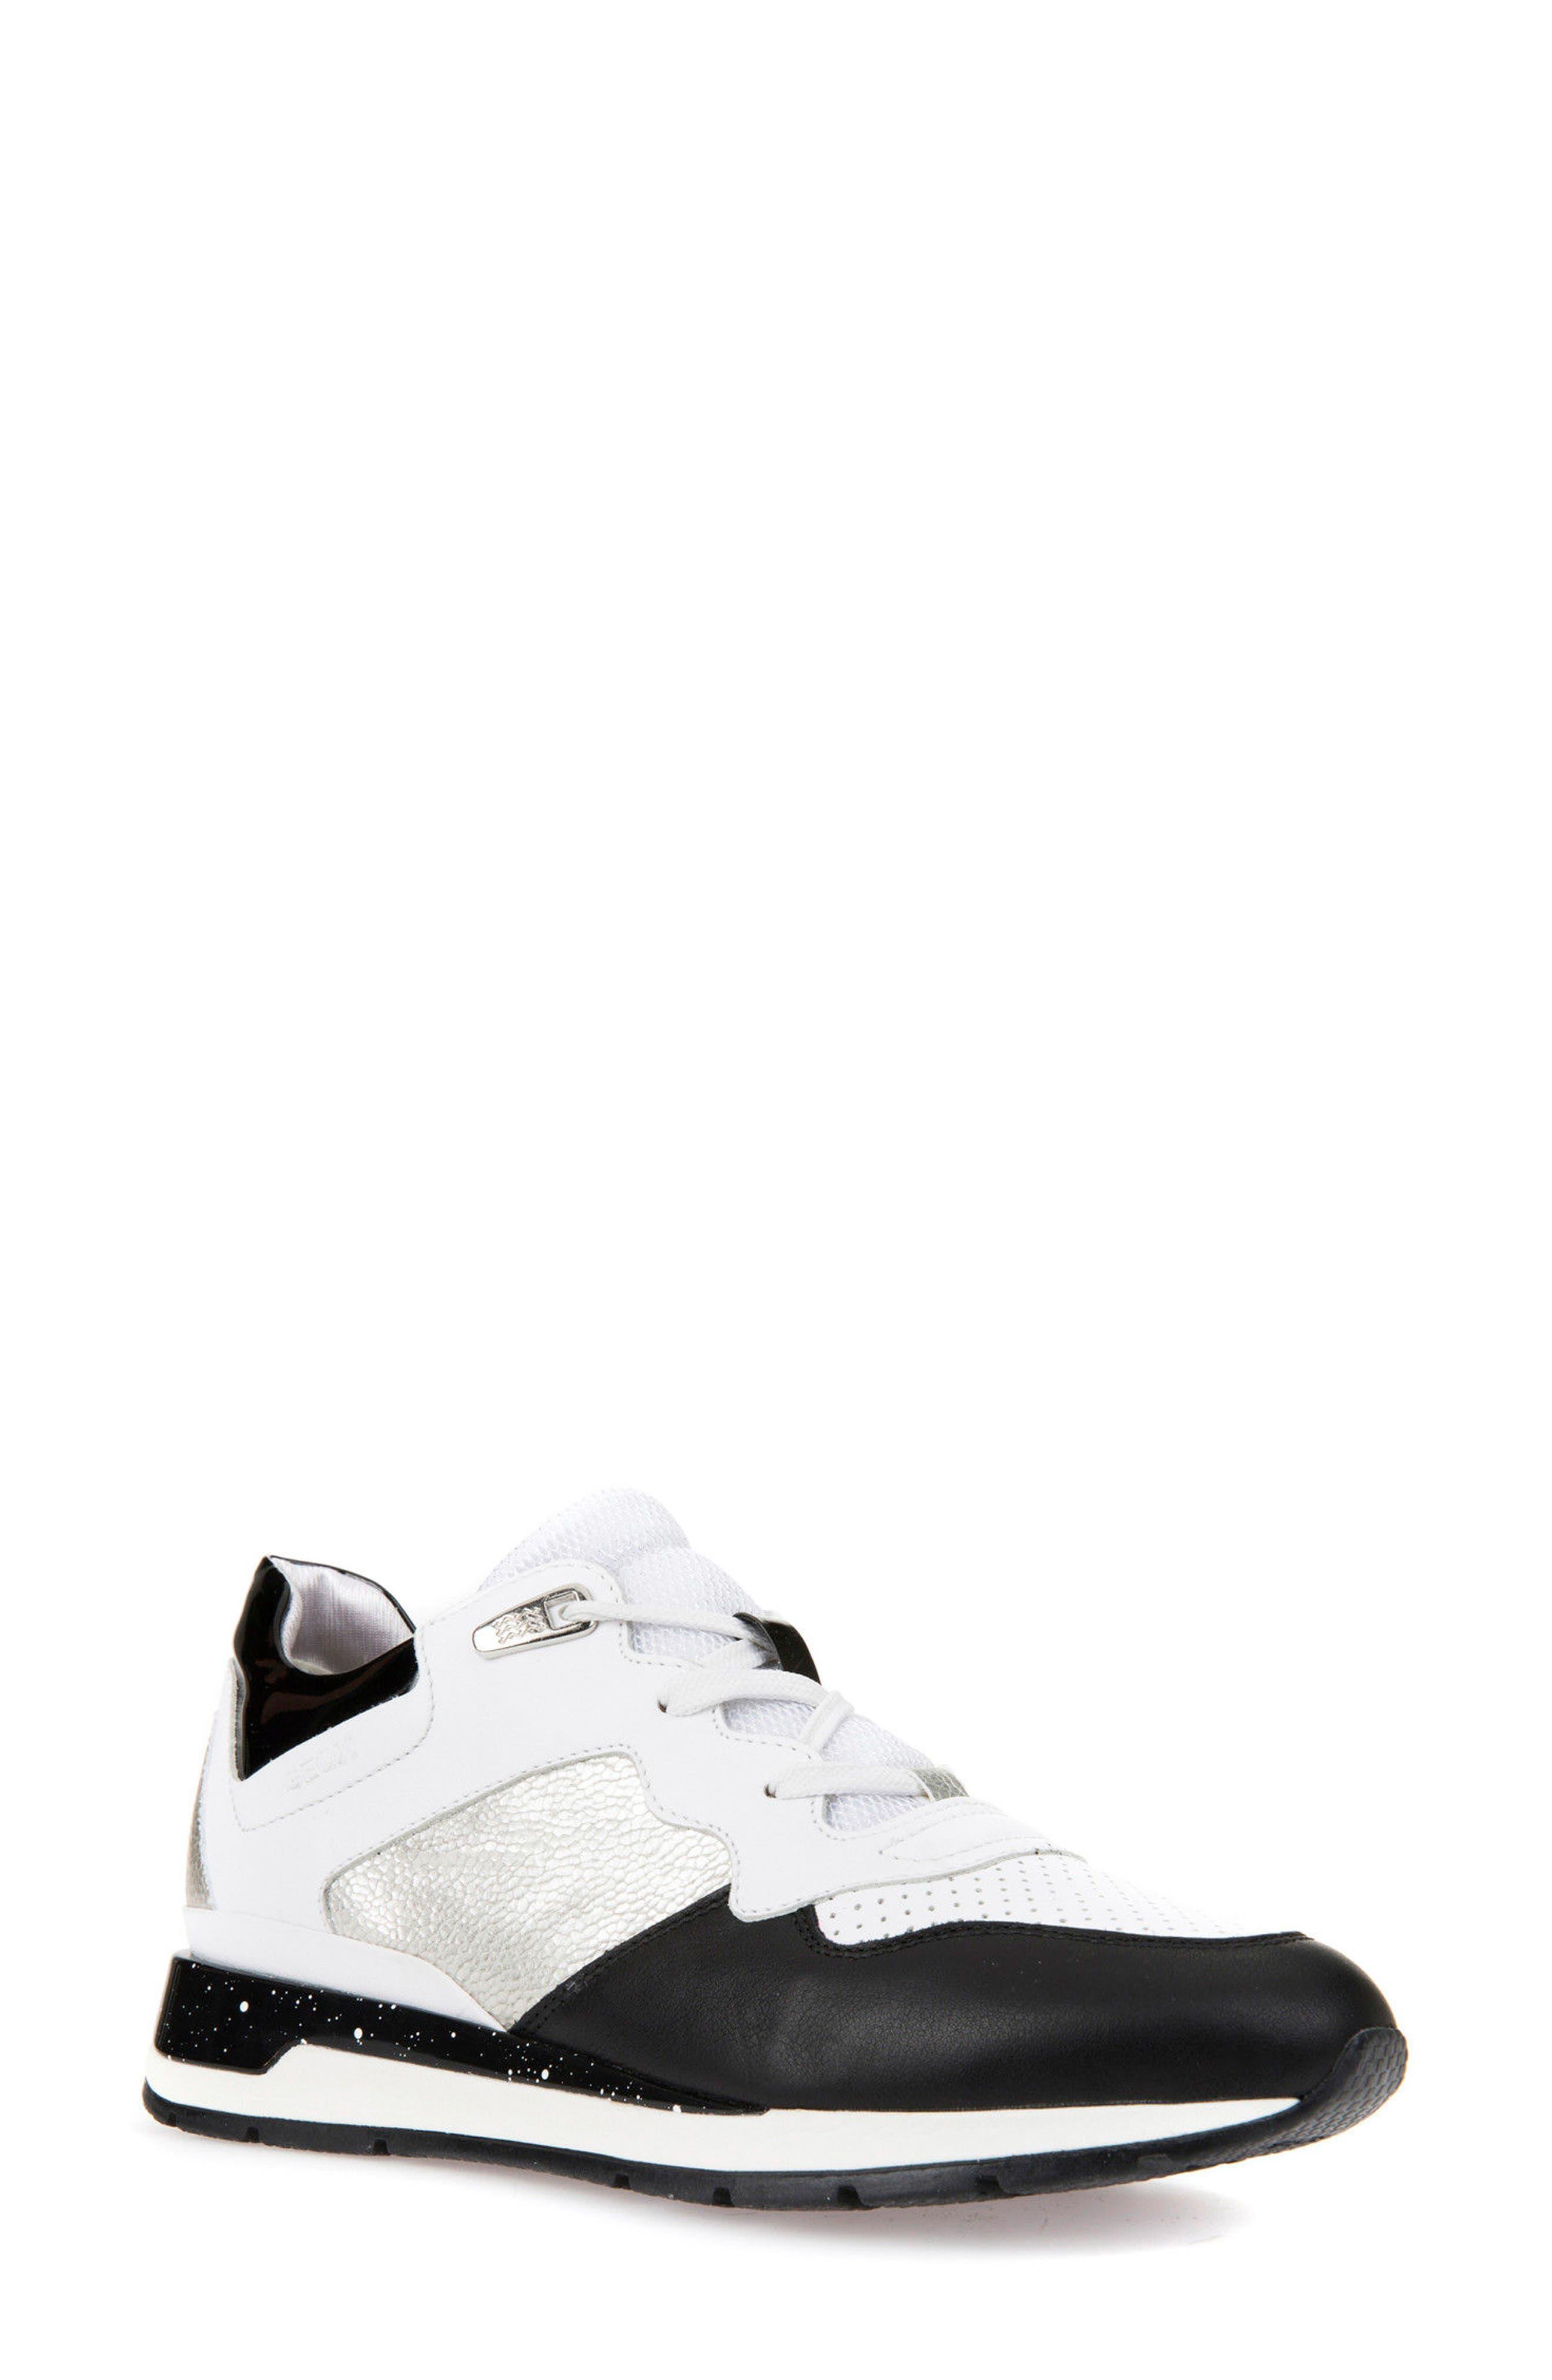 GEOX Shahira Sneaker